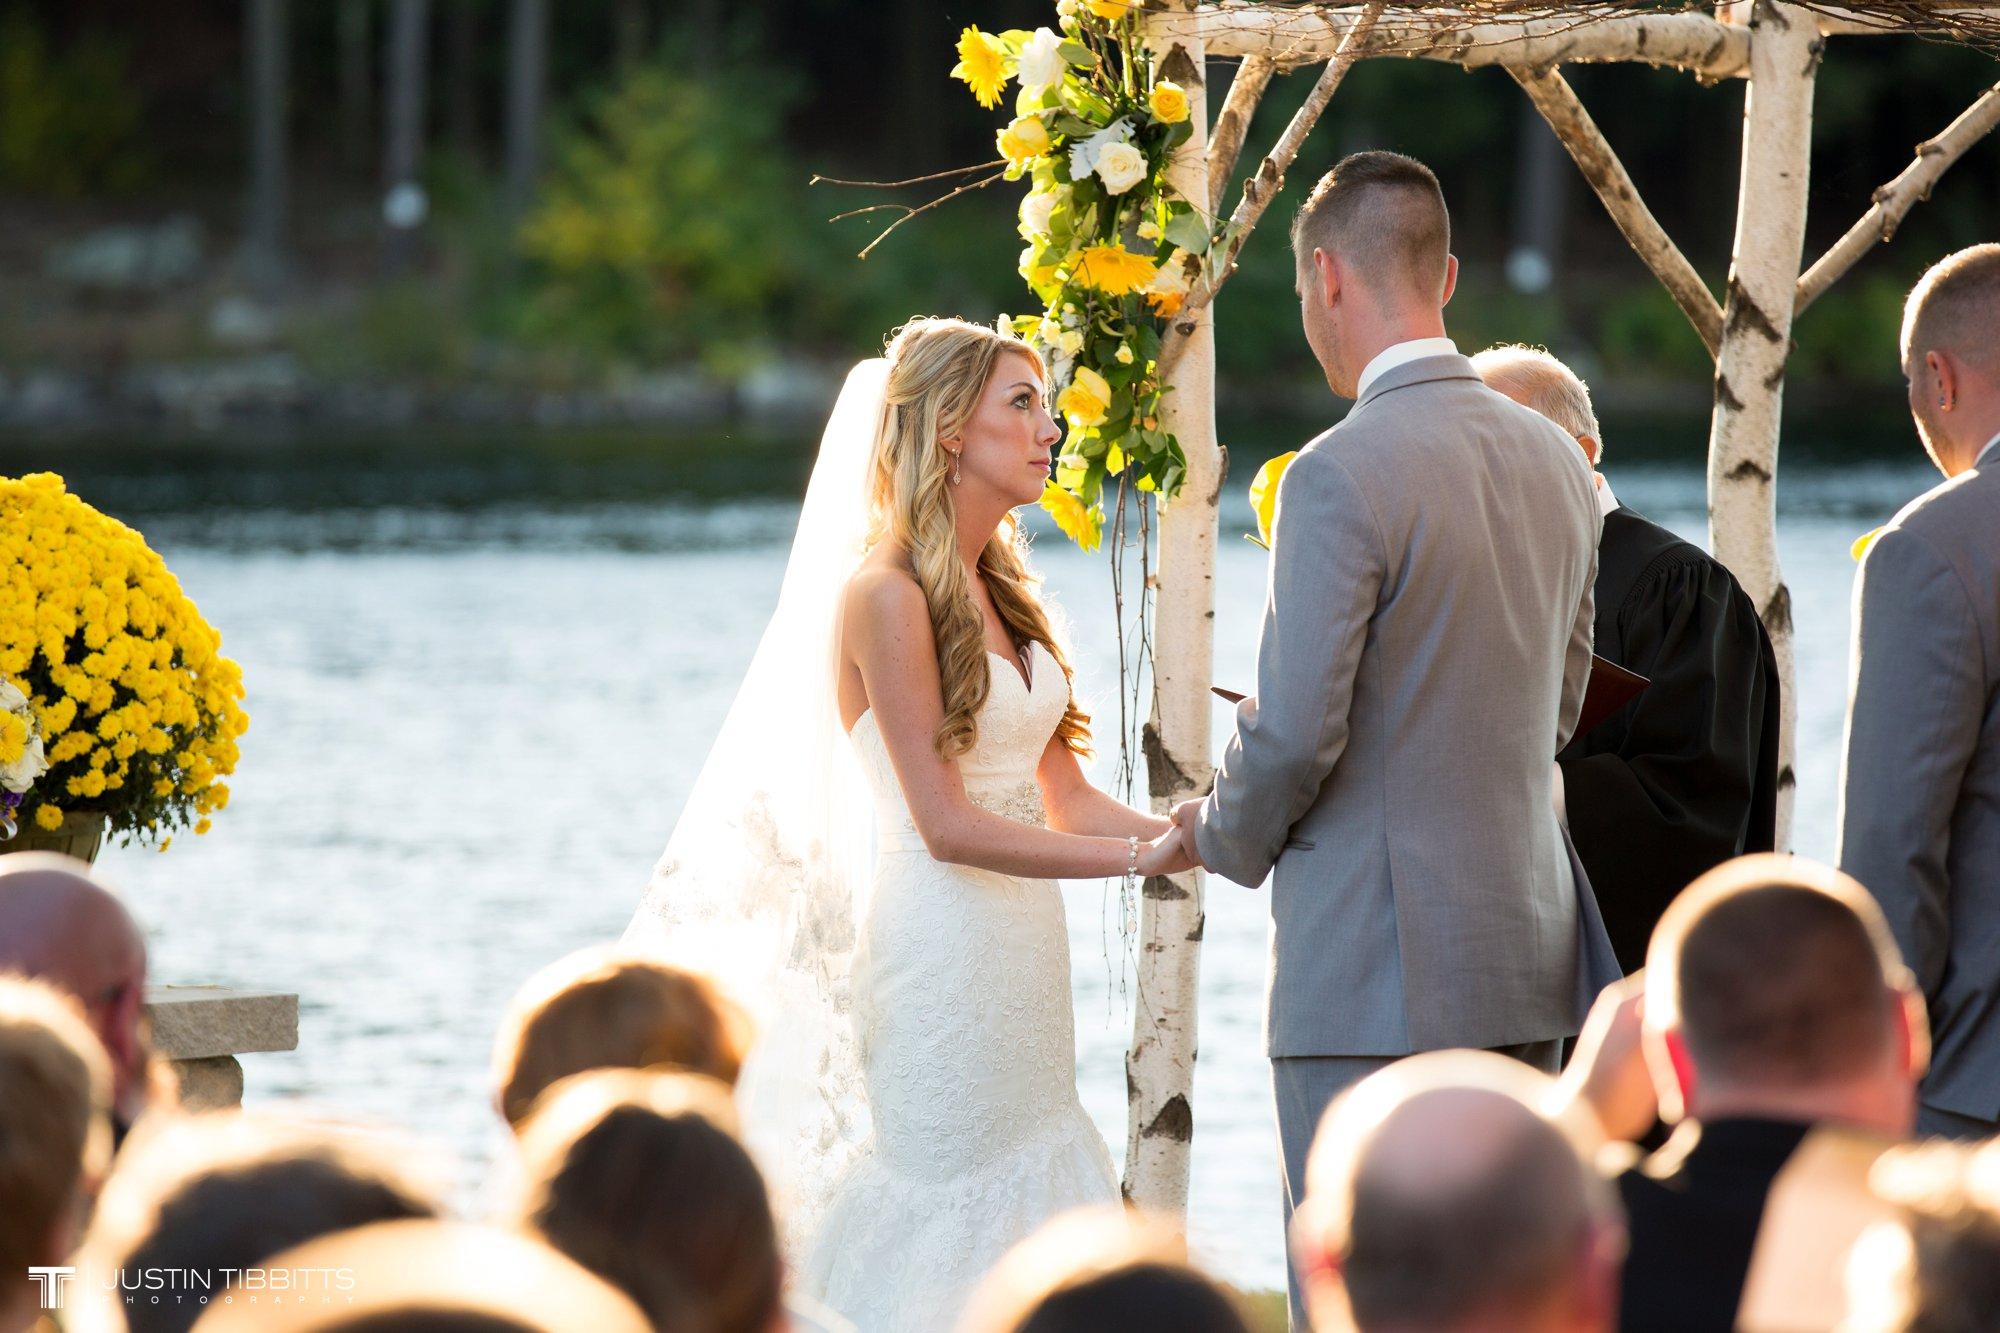 Albany NY Wedding Photographer Justin Tibbitts Photography 2014 Best of Albany NY Weddings-106332224